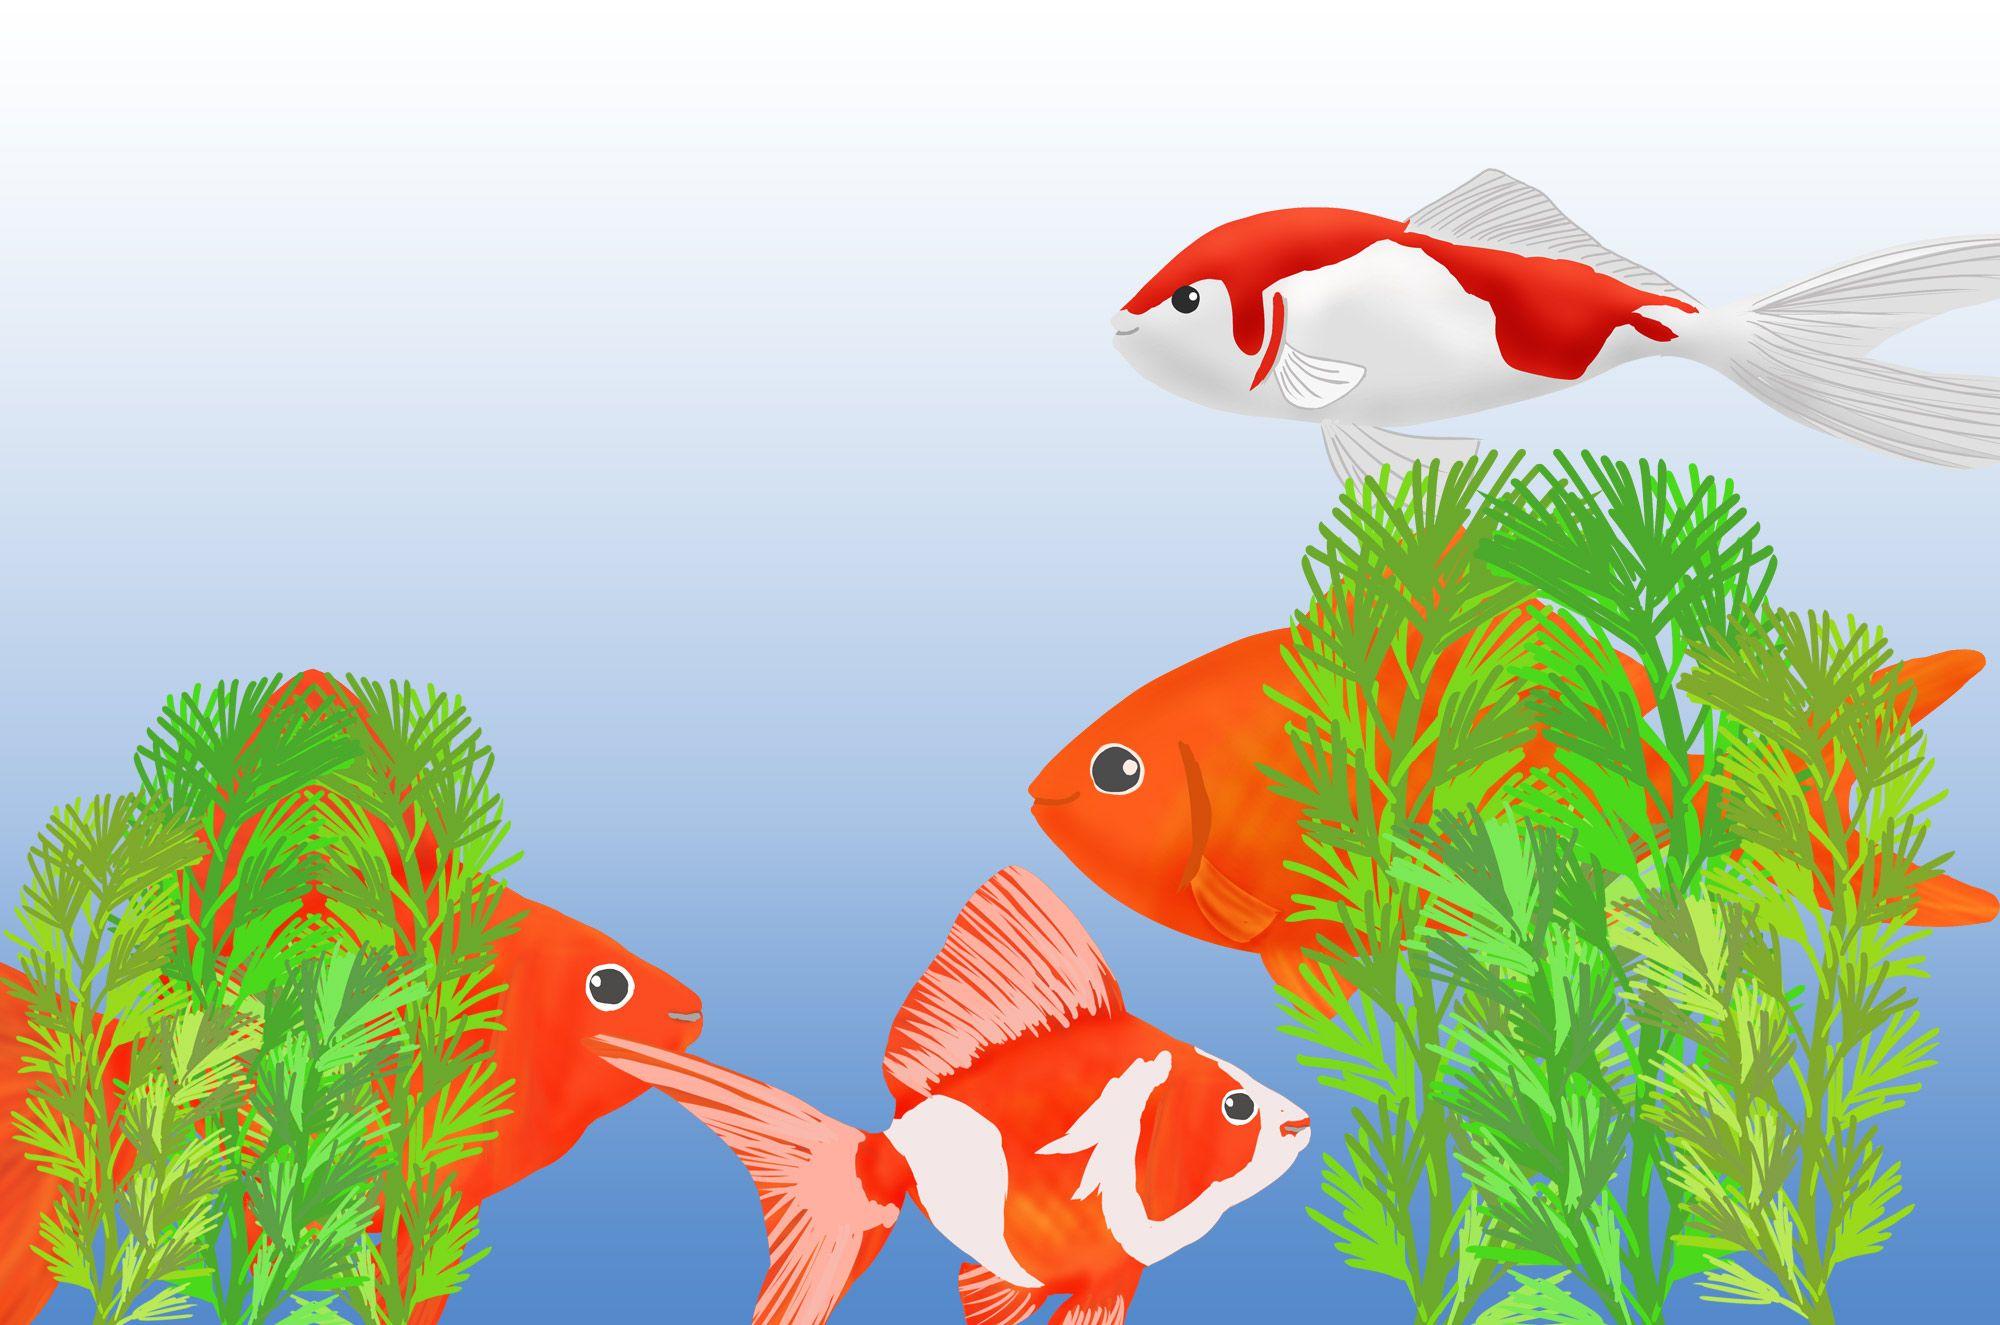 金魚イラスト:可愛い金魚のイラストと水草と金魚鉢のフリー素材集